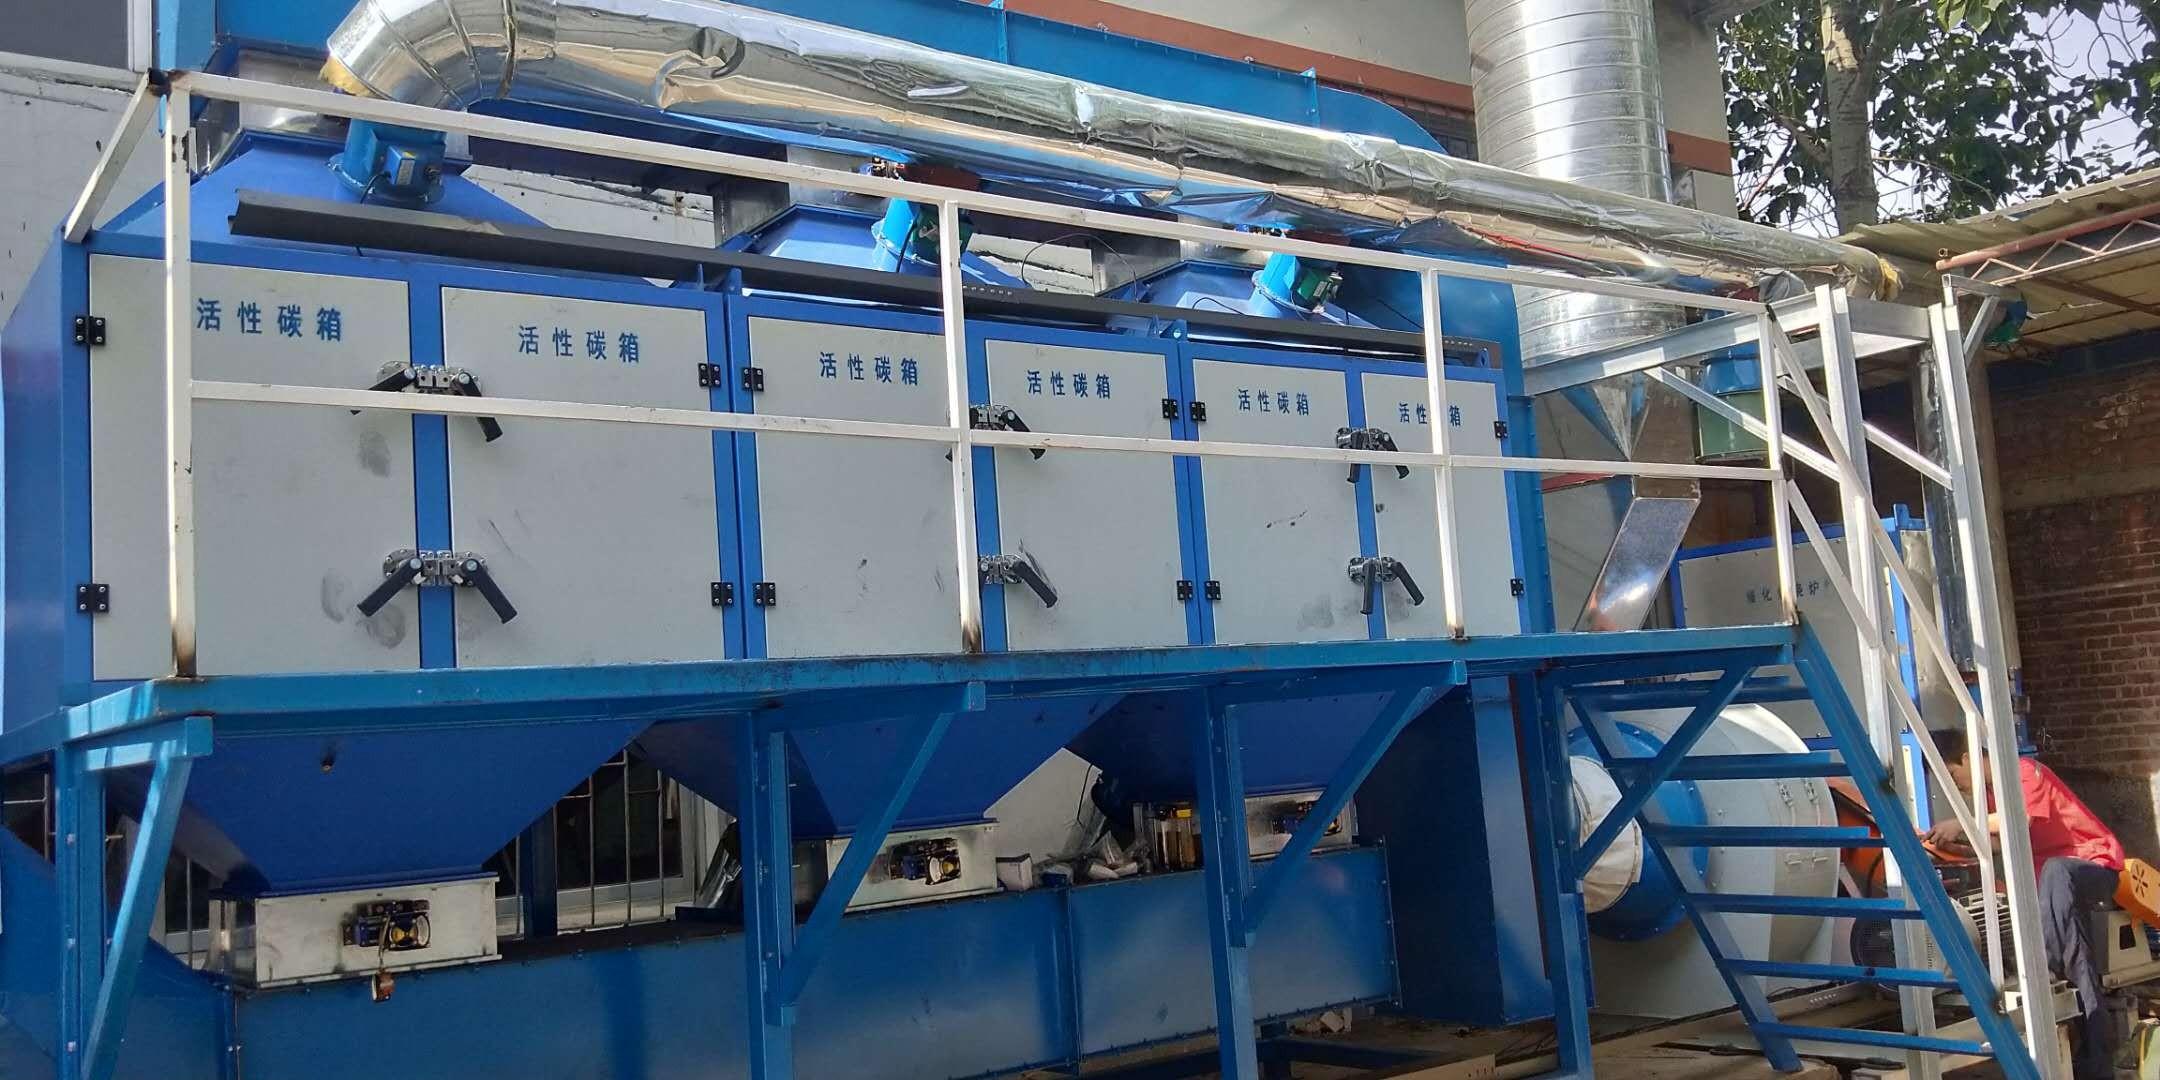 襄樊市工业喷漆房废气处理设备厂家 乐途环保 安全稳定